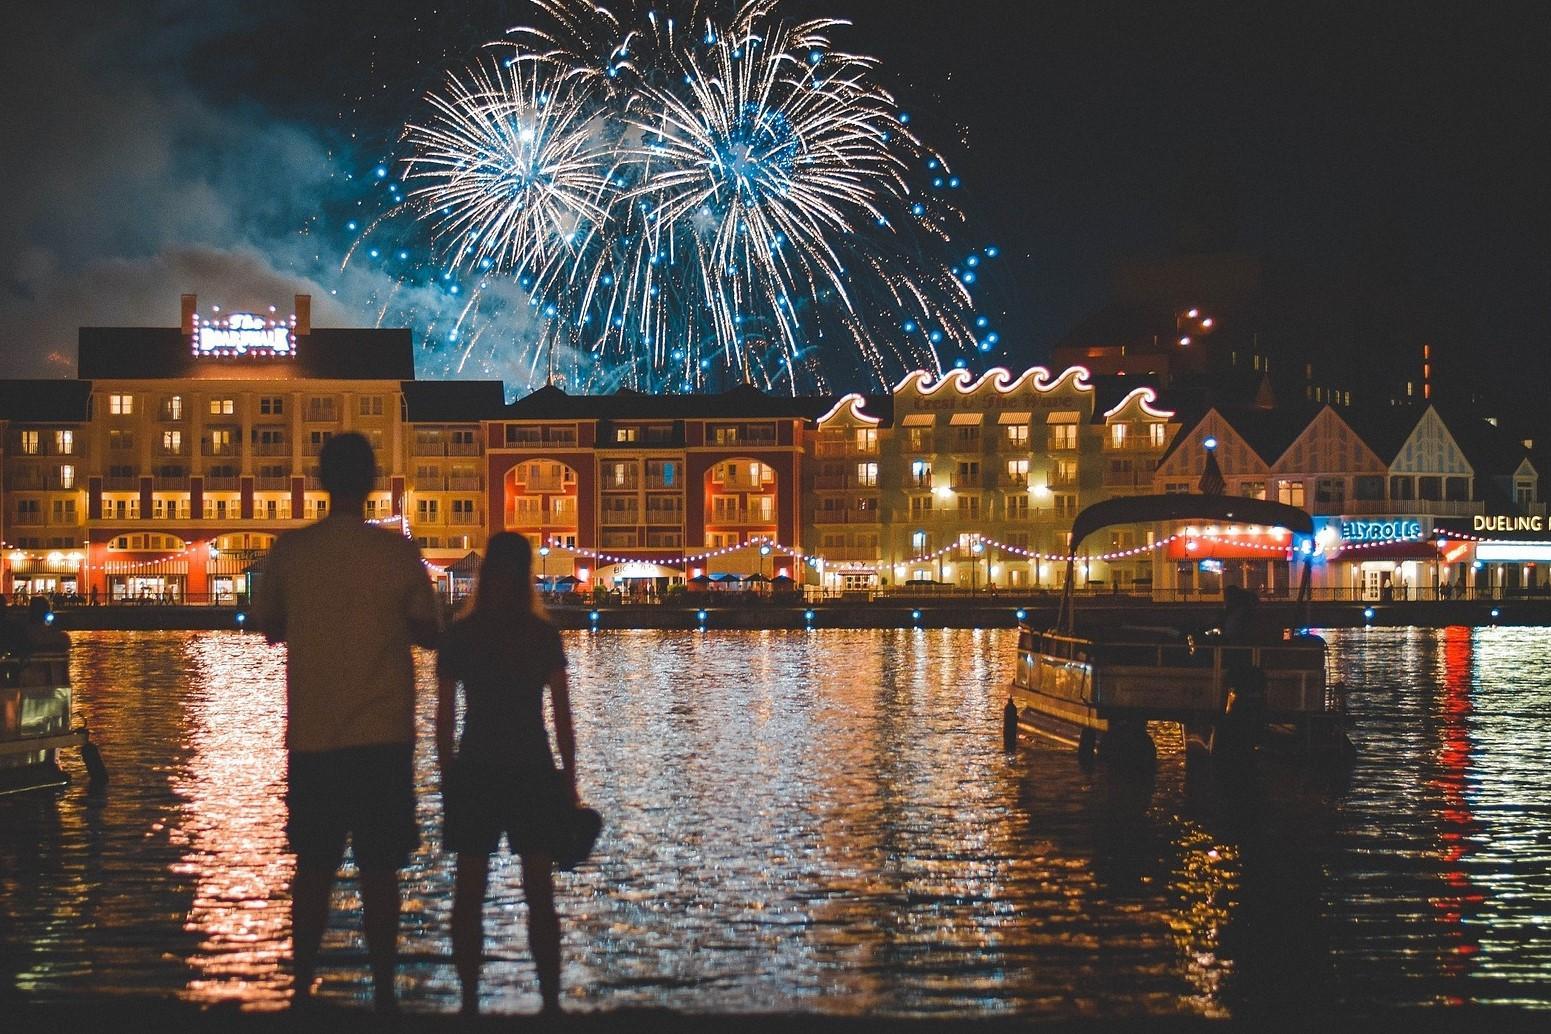 Bild Menschen beobachten Feuerwerk, Quelle: Bild von skeeze auf Pixabay